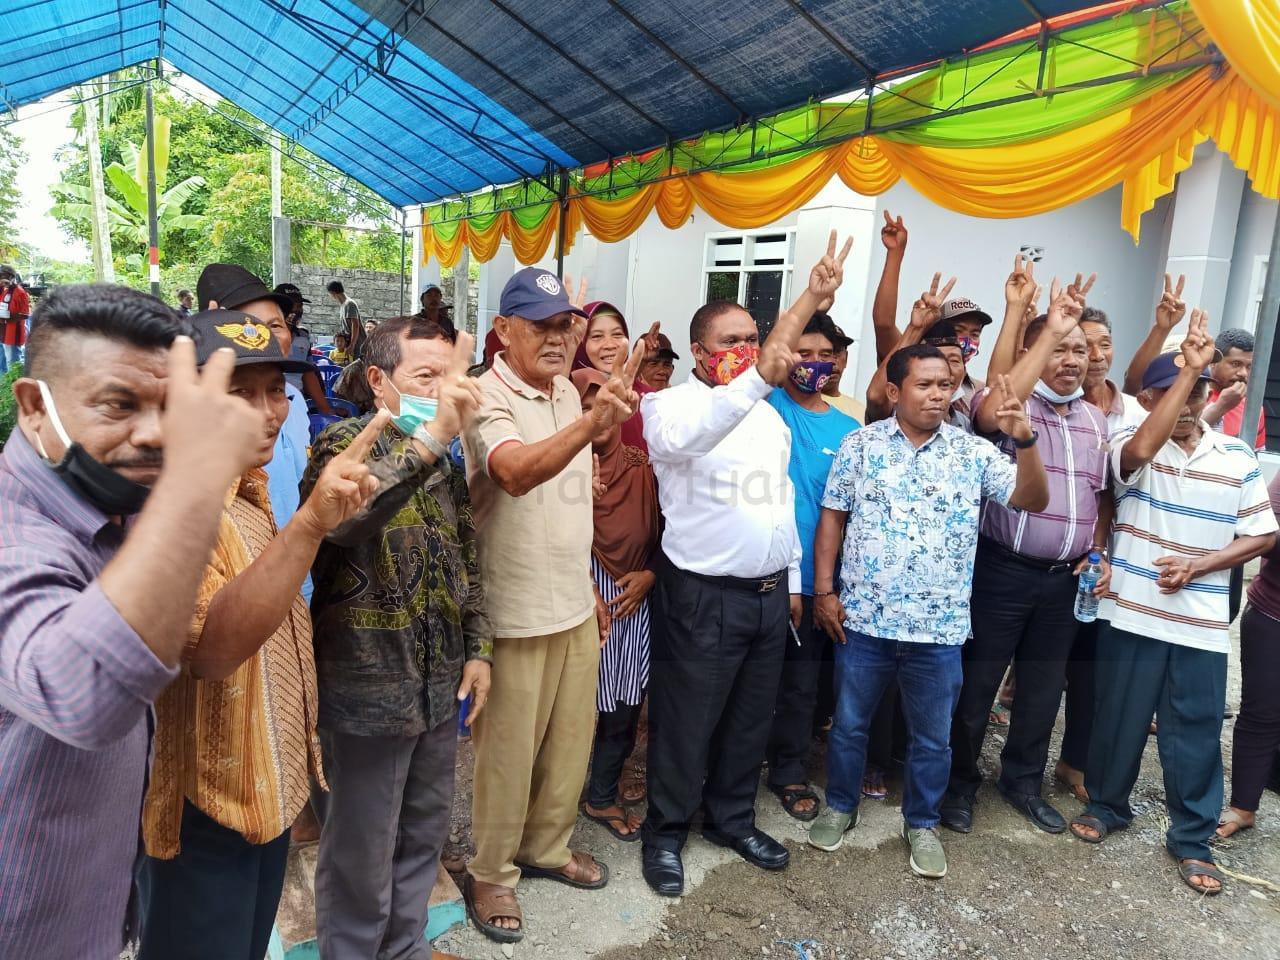 Hermus Sampaikan Ini Saat Warga Kampung Wapramasi Keluhkan Air Bersih, Irigasi Sering Kotor 10 IMG 20201127 WA0032